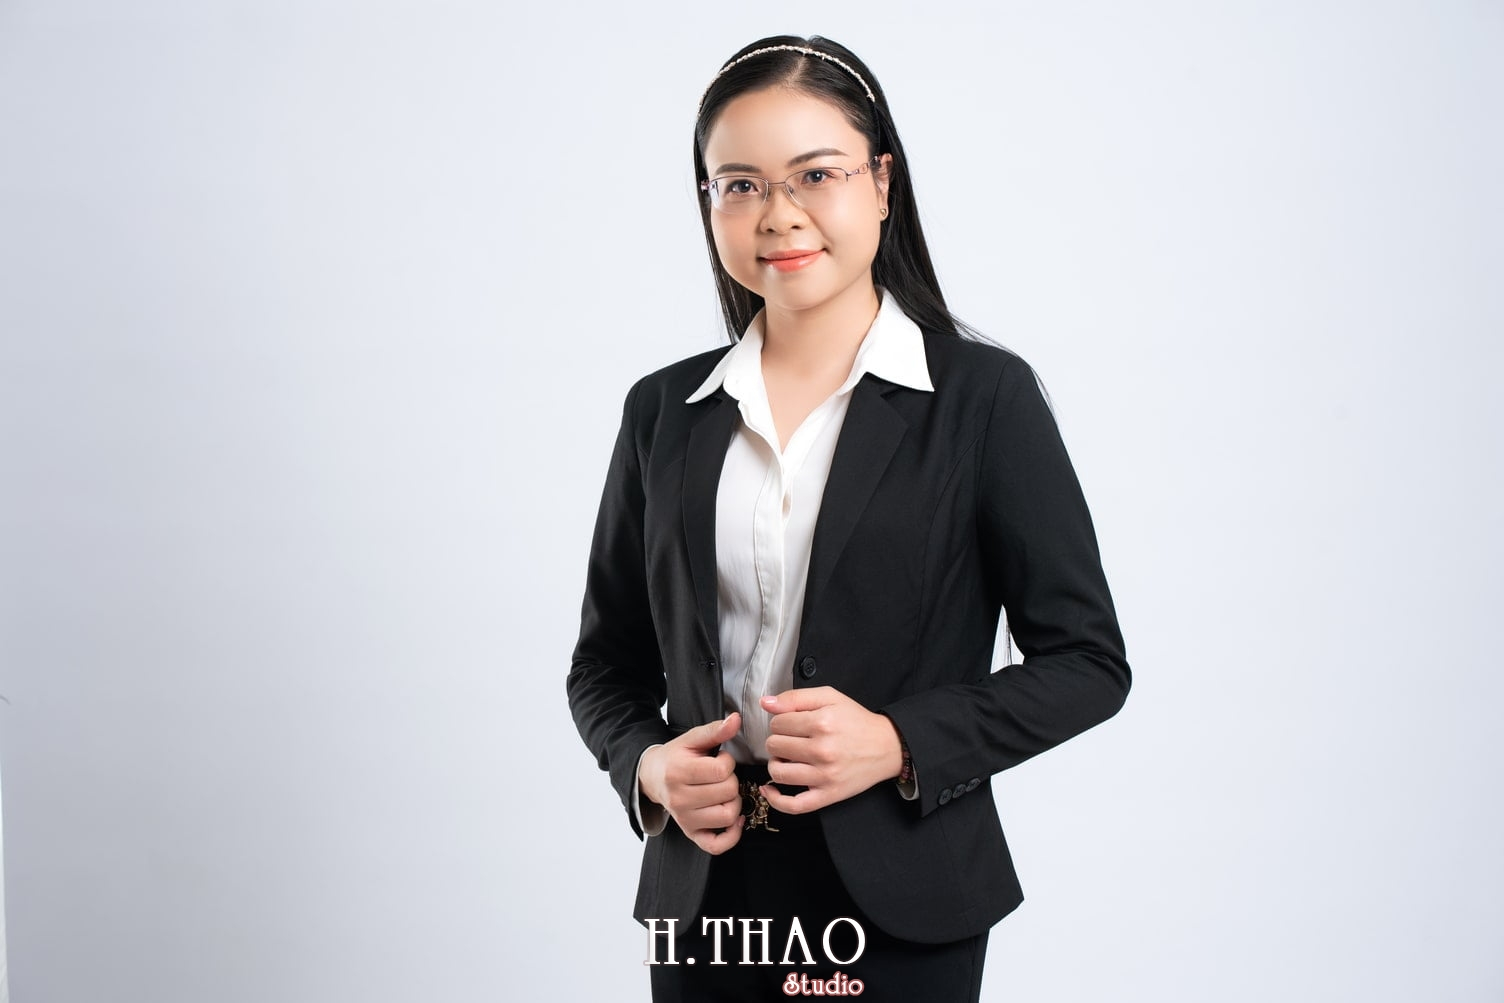 Anh Doanh nhan 6 1 - Góc ảnh doanh nhân, MC Khánh Vy đẹp năng động – HThao Studio